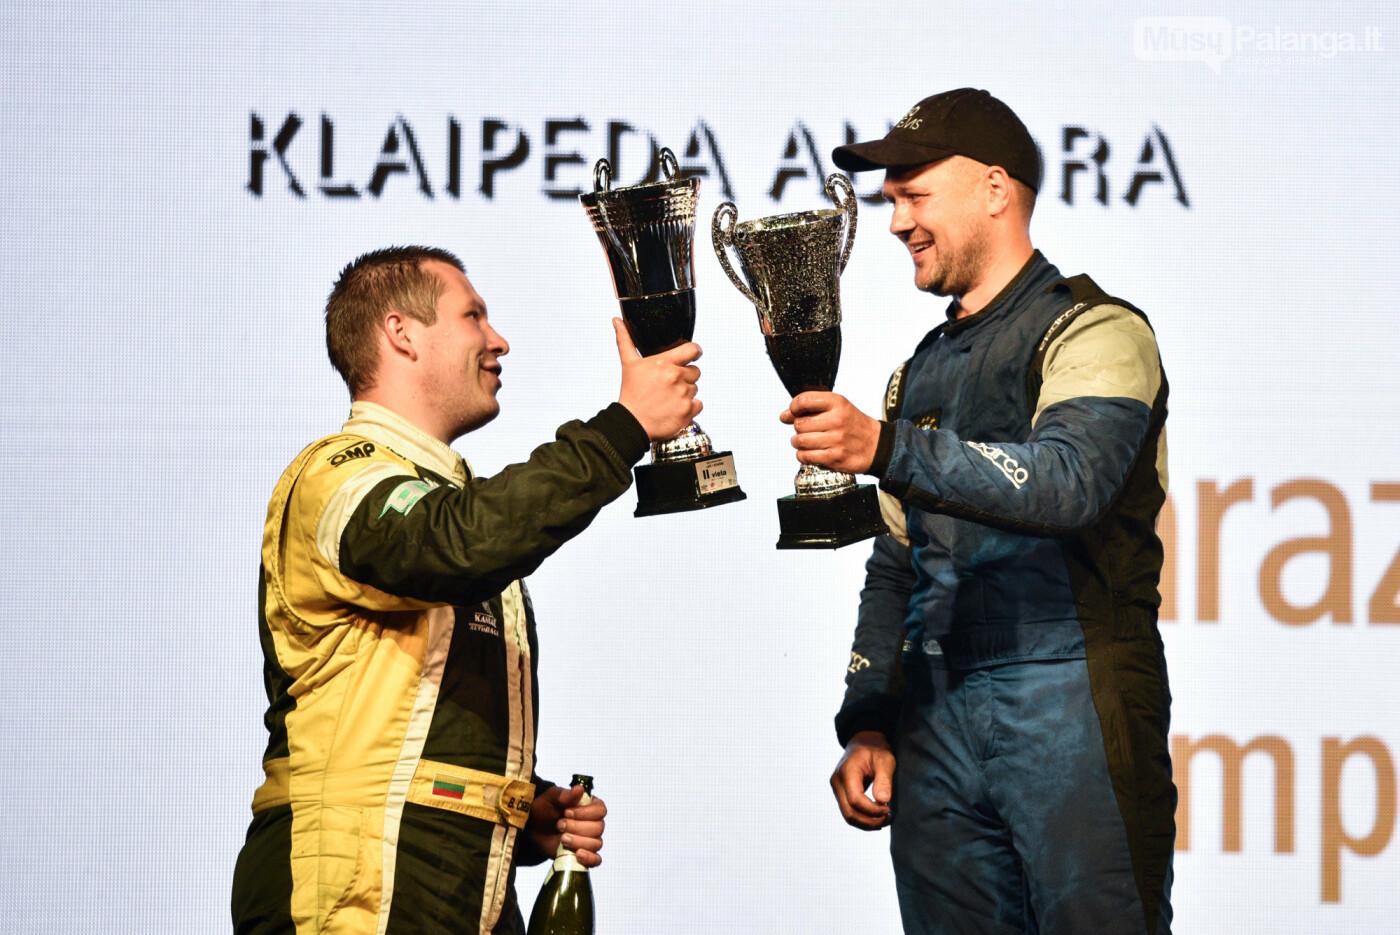 Dviejų dienų drifto batalijas vainikavo nugalėtojų pakyla, nuotrauka-34, Vytauto PILKAUSKO ir Arno STRUMILOS nuotr.